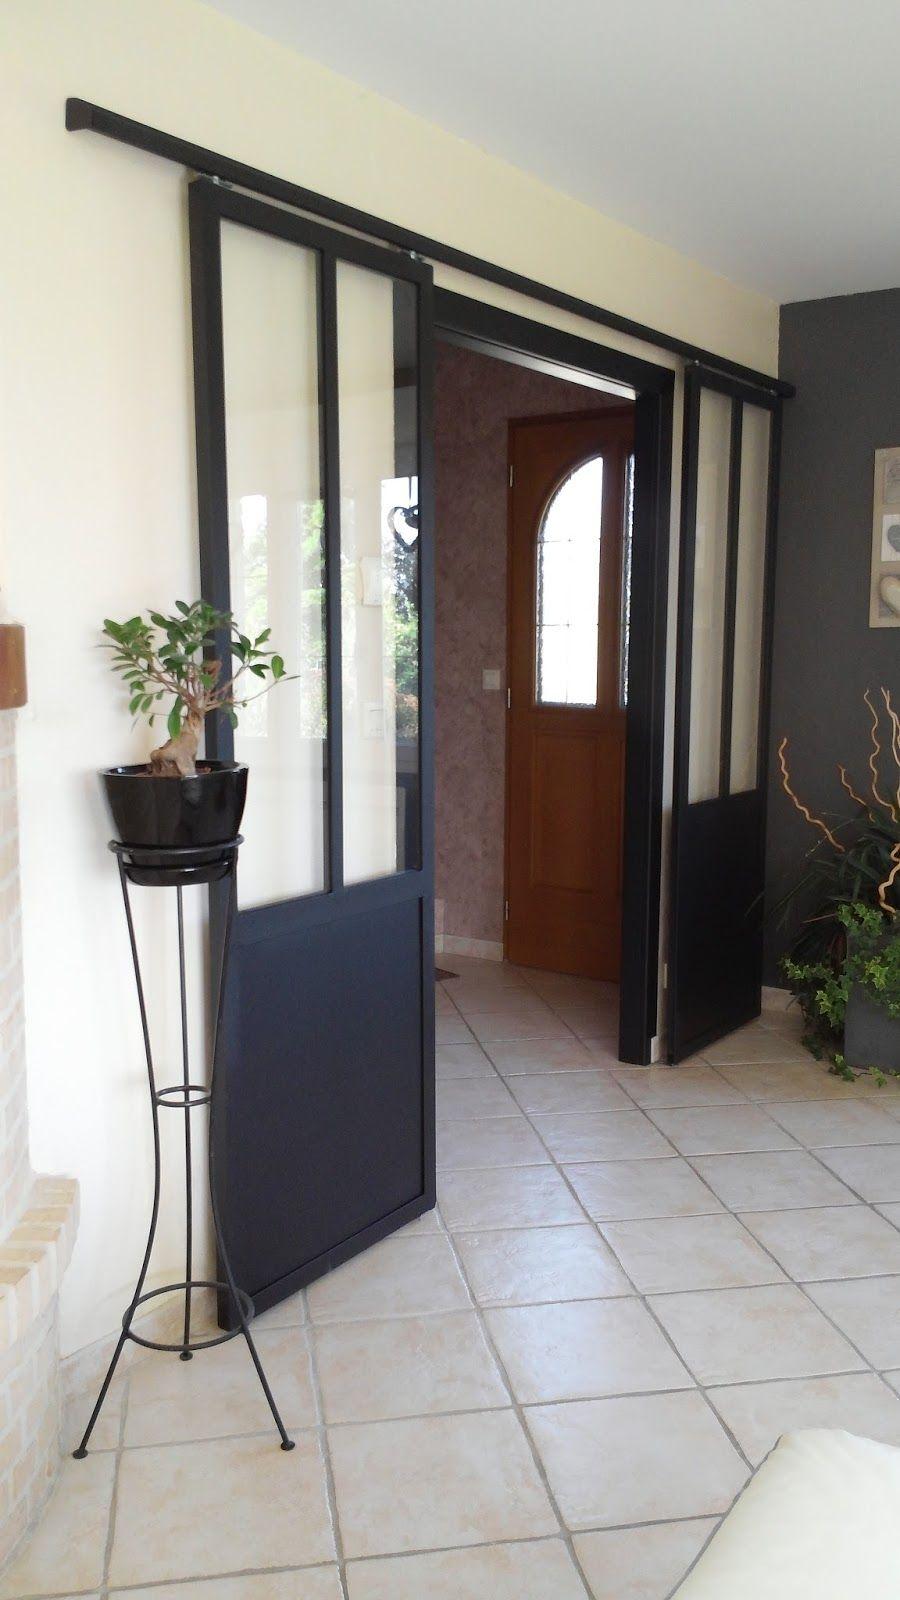 Blog De La Maison De LImaginarium Lambiance Factory Sur - Porte placard coulissante jumelé avec serrurier paris 75019